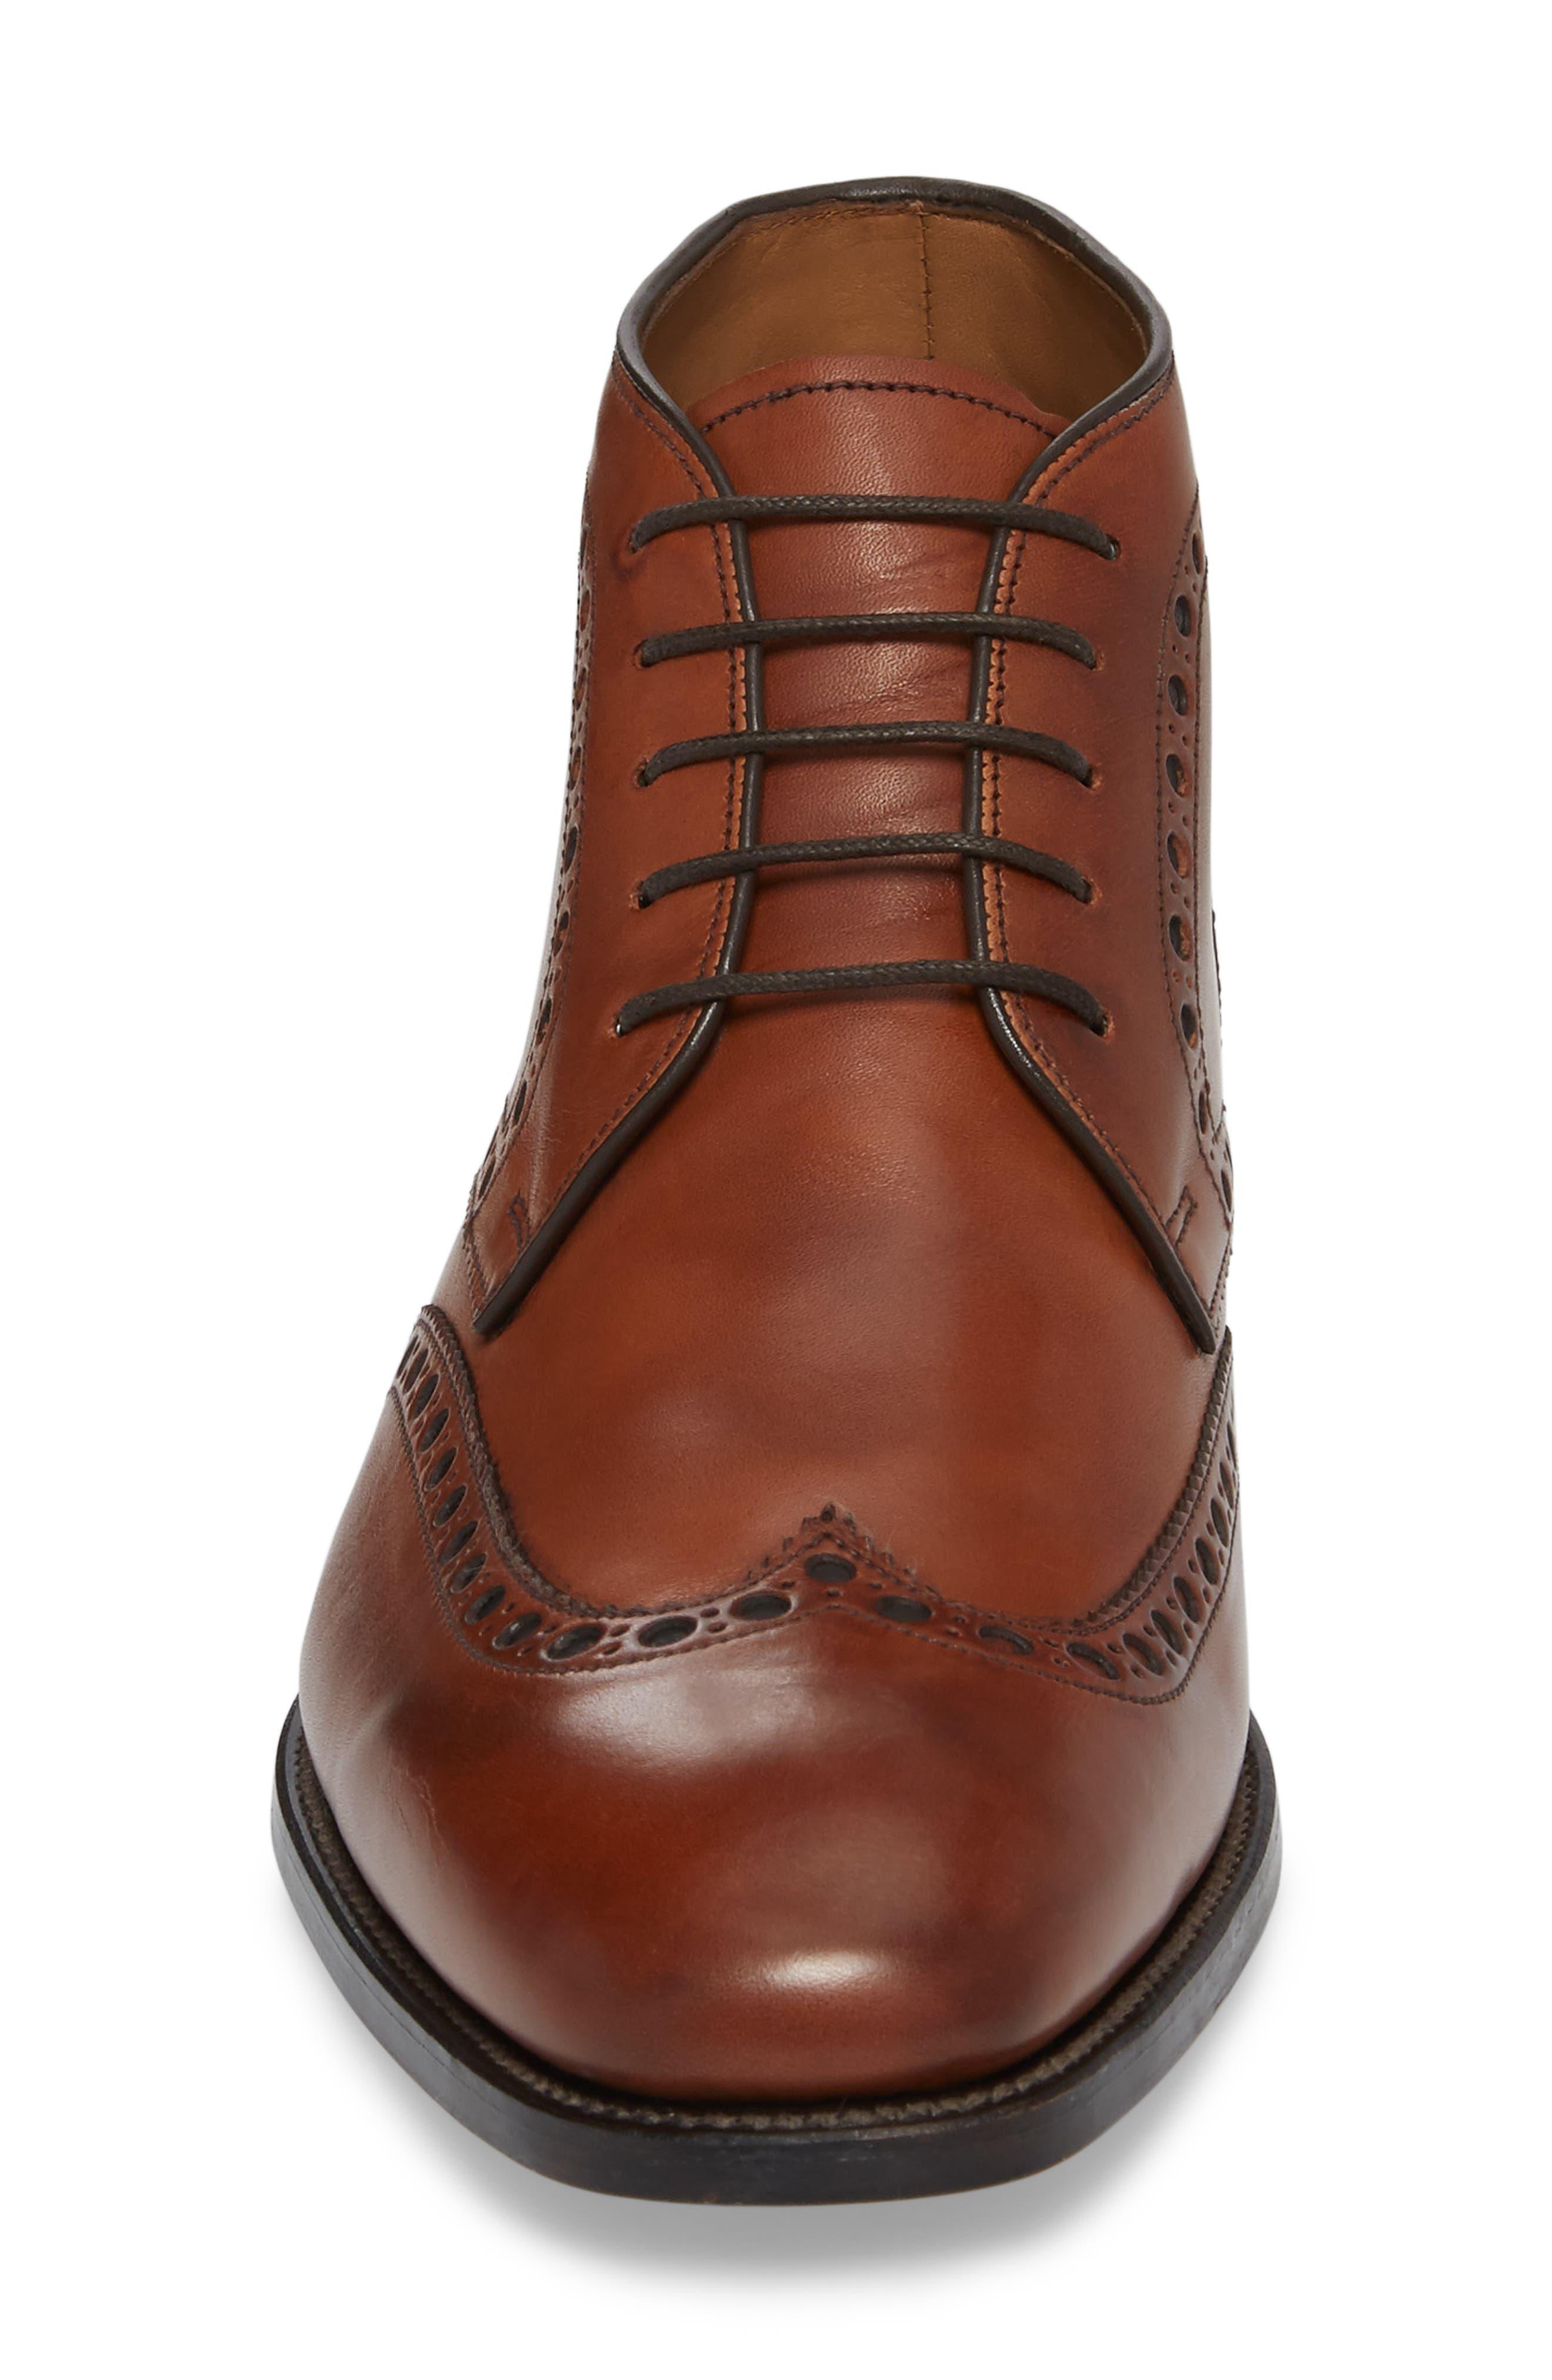 Presidio Wingtip Chukka Boot,                             Alternate thumbnail 4, color,                             Cognac